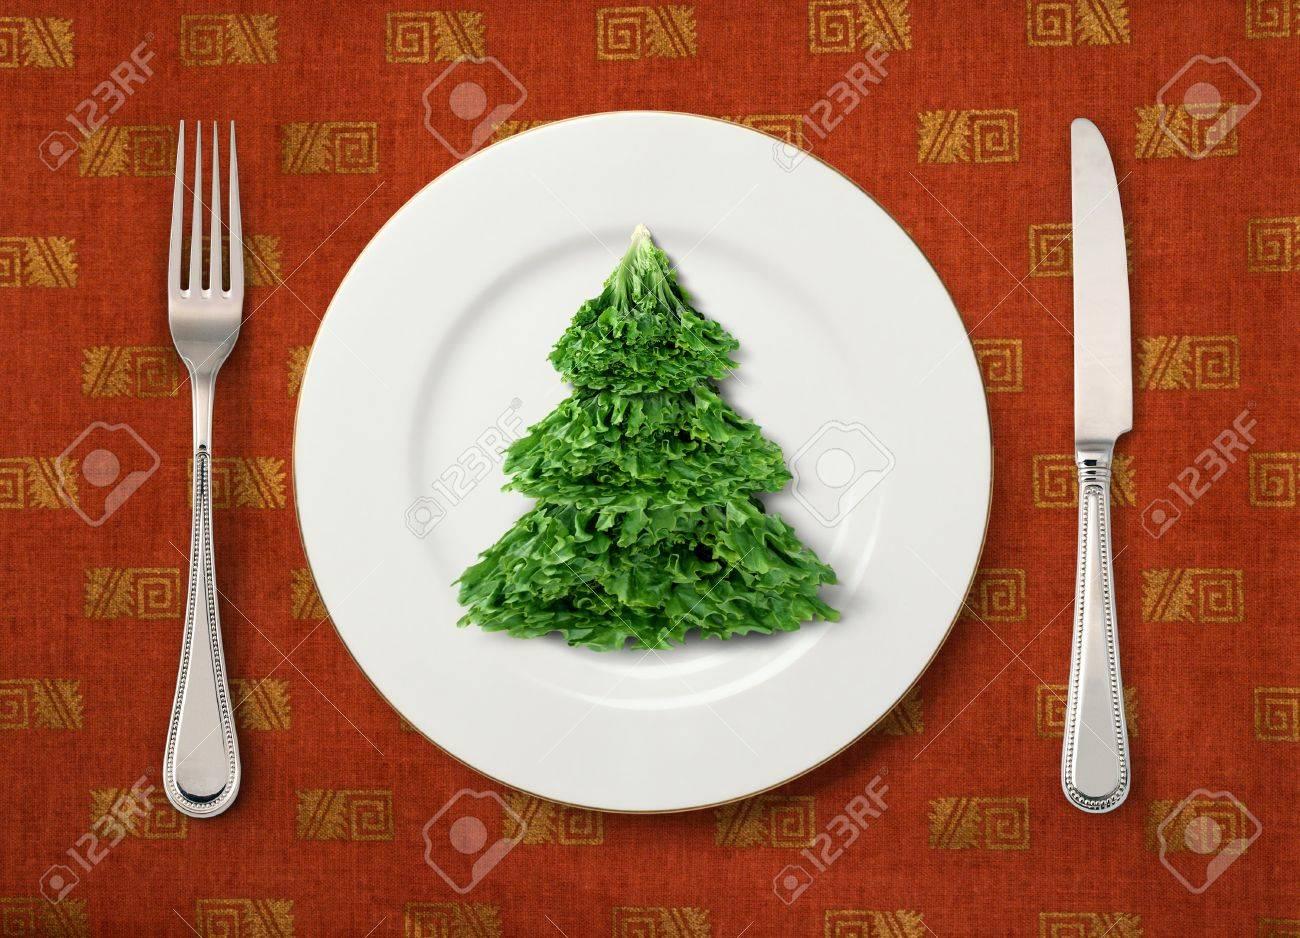 Die Weihnachts-Salat Auf Weißem Teller Auf Dem Tisch Lizenzfreie ...